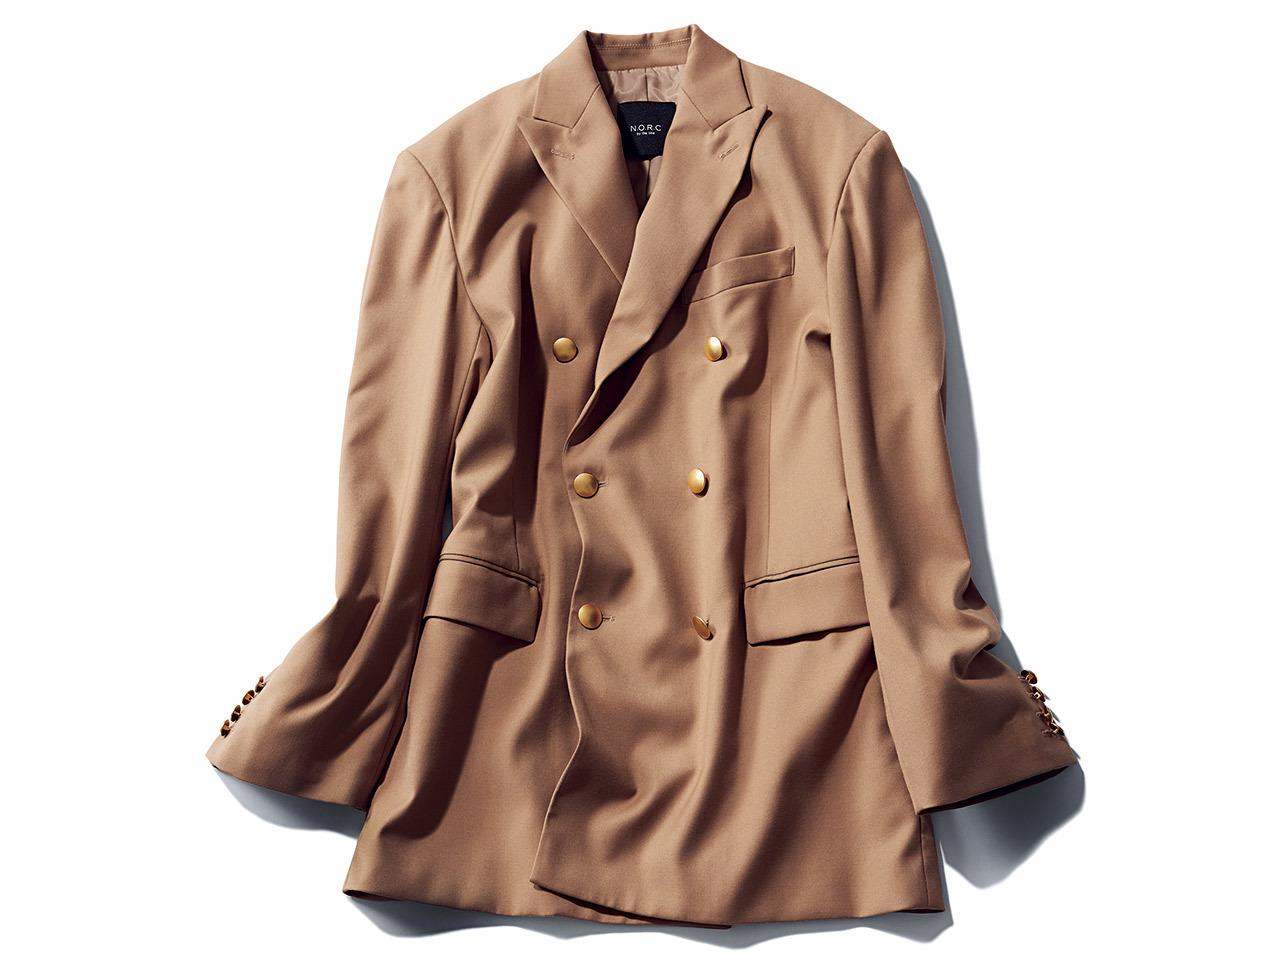 ベージュのダブルジャケット